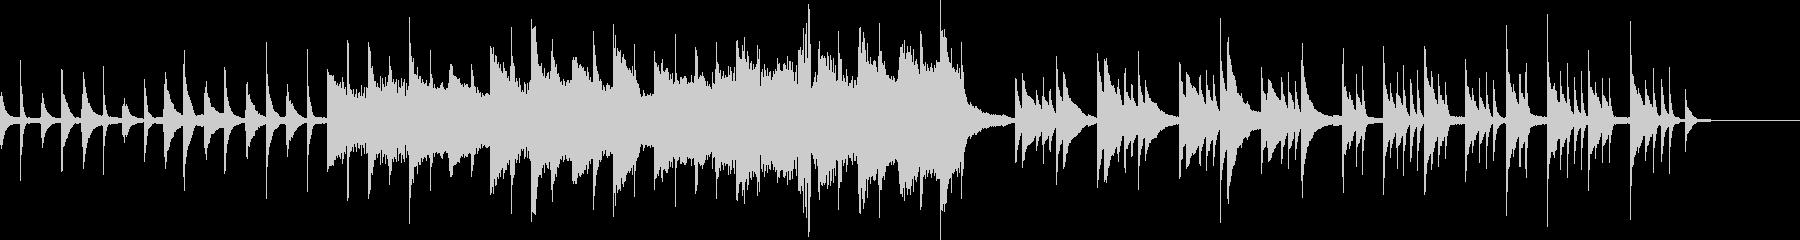 悲しいピアノ曲の未再生の波形